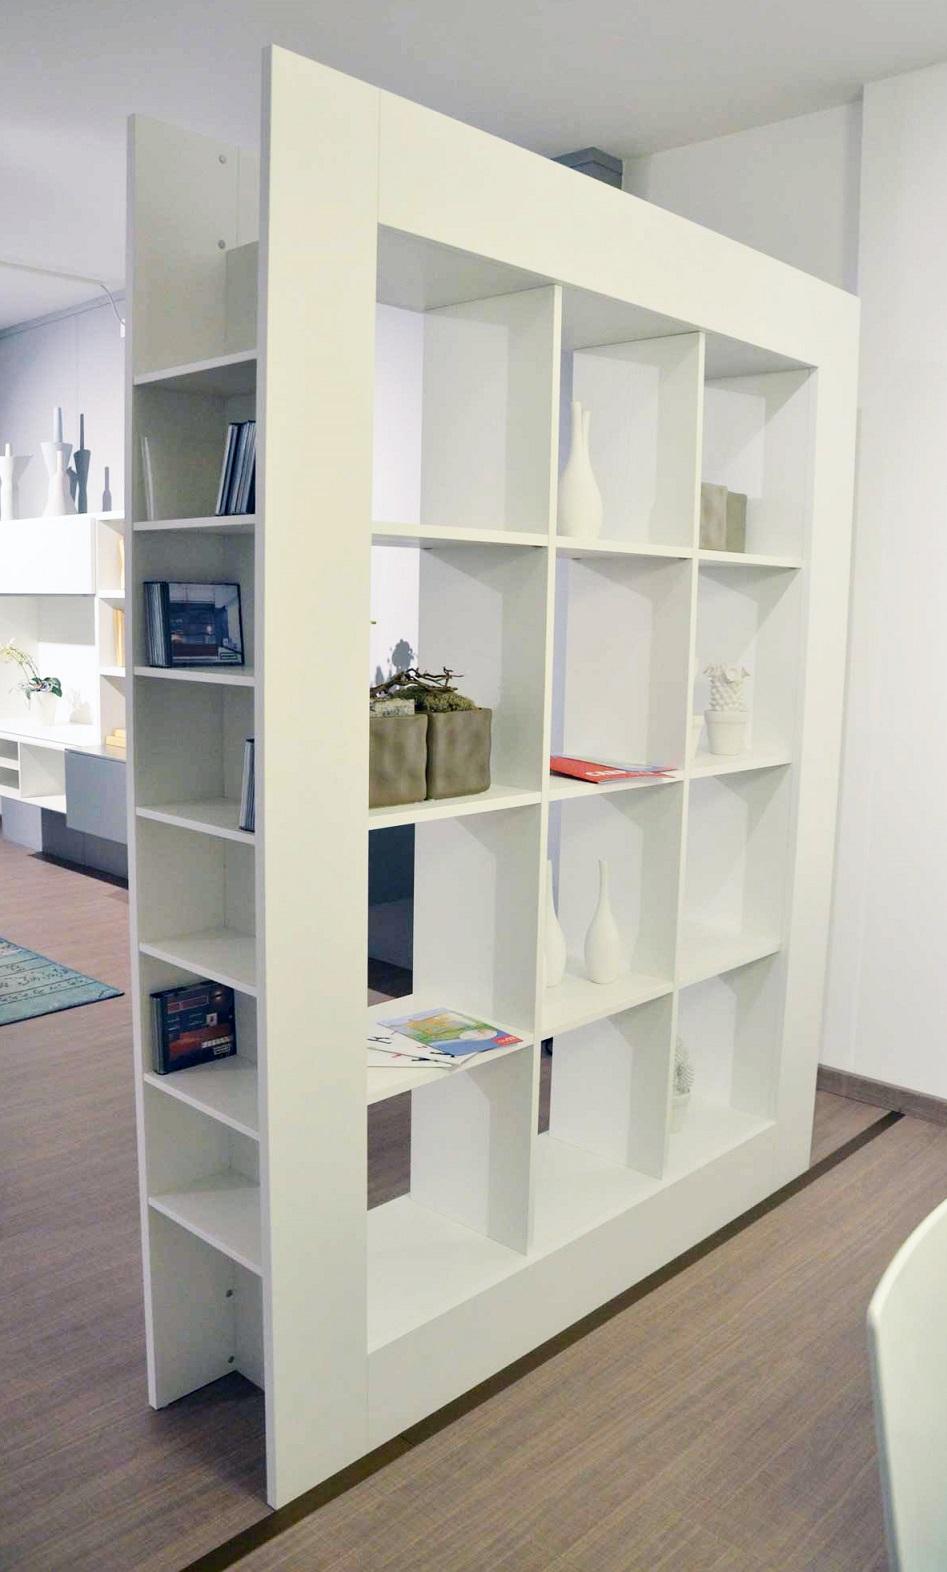 Libreria Bifacciale : Libreria bifacciale in frassino bianco id